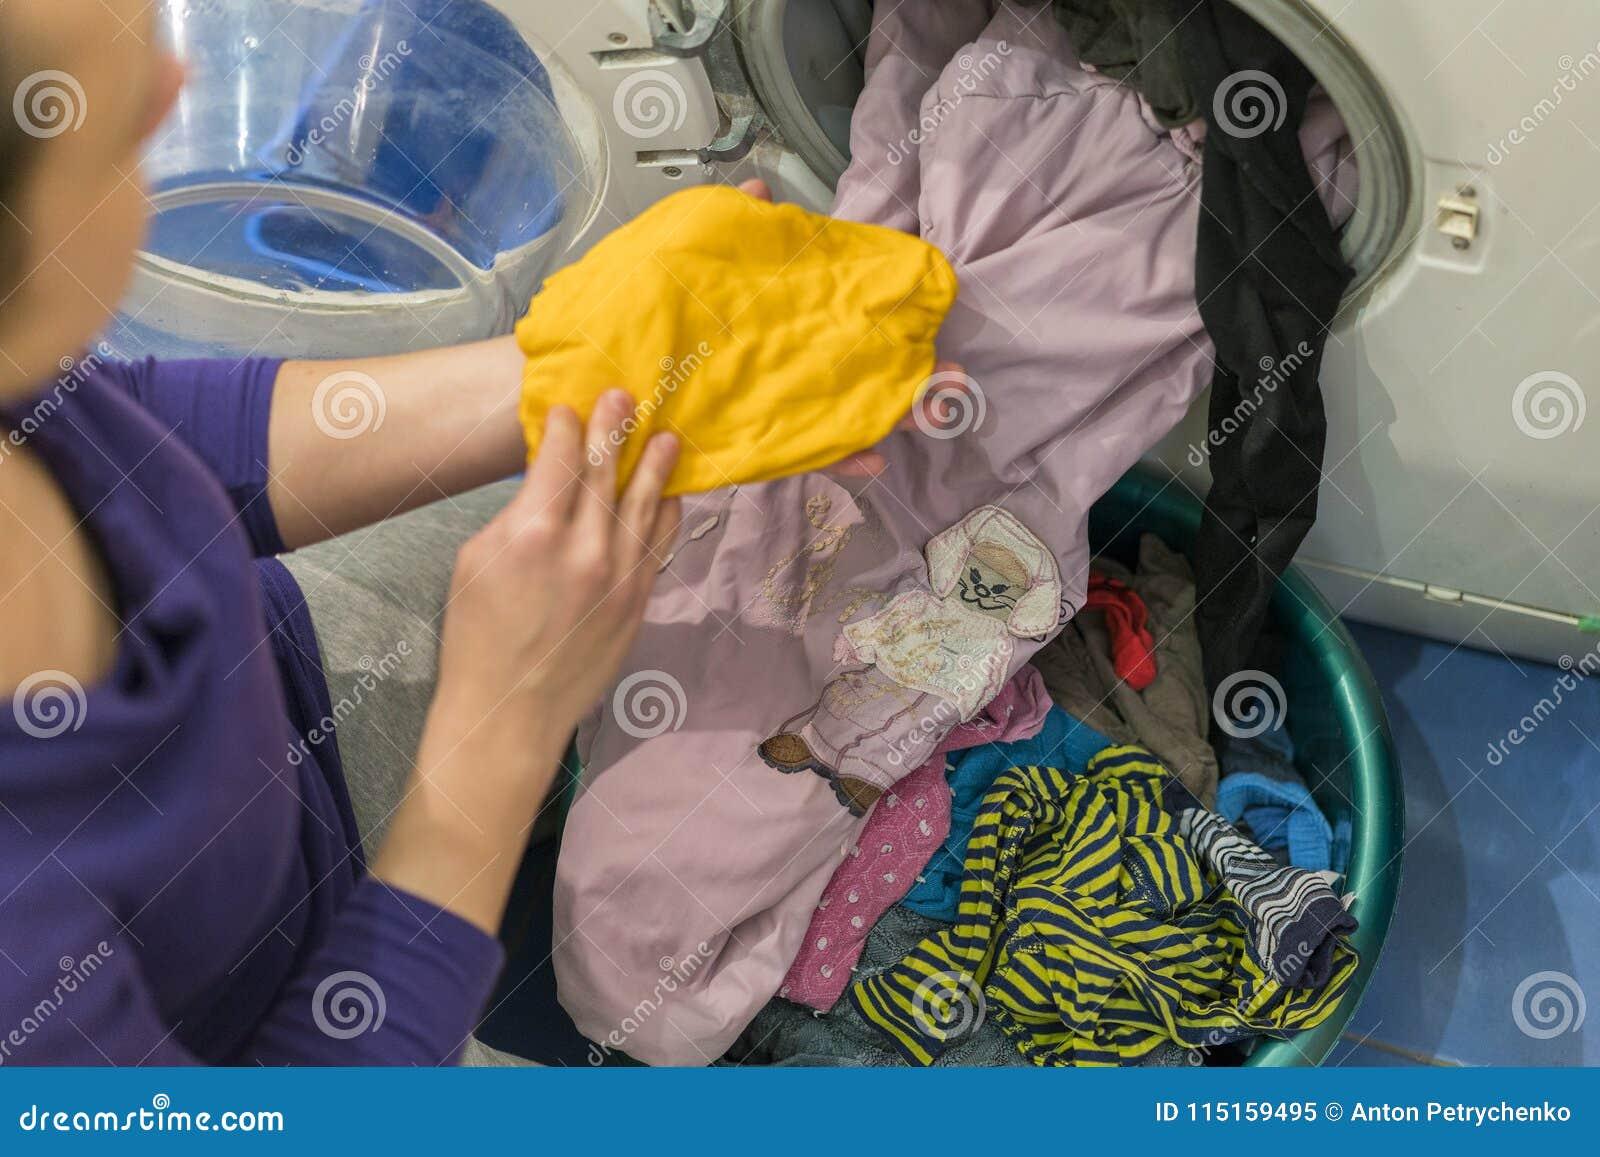 Préparation du cycle de lavage Machine à laver, mains et vêtements